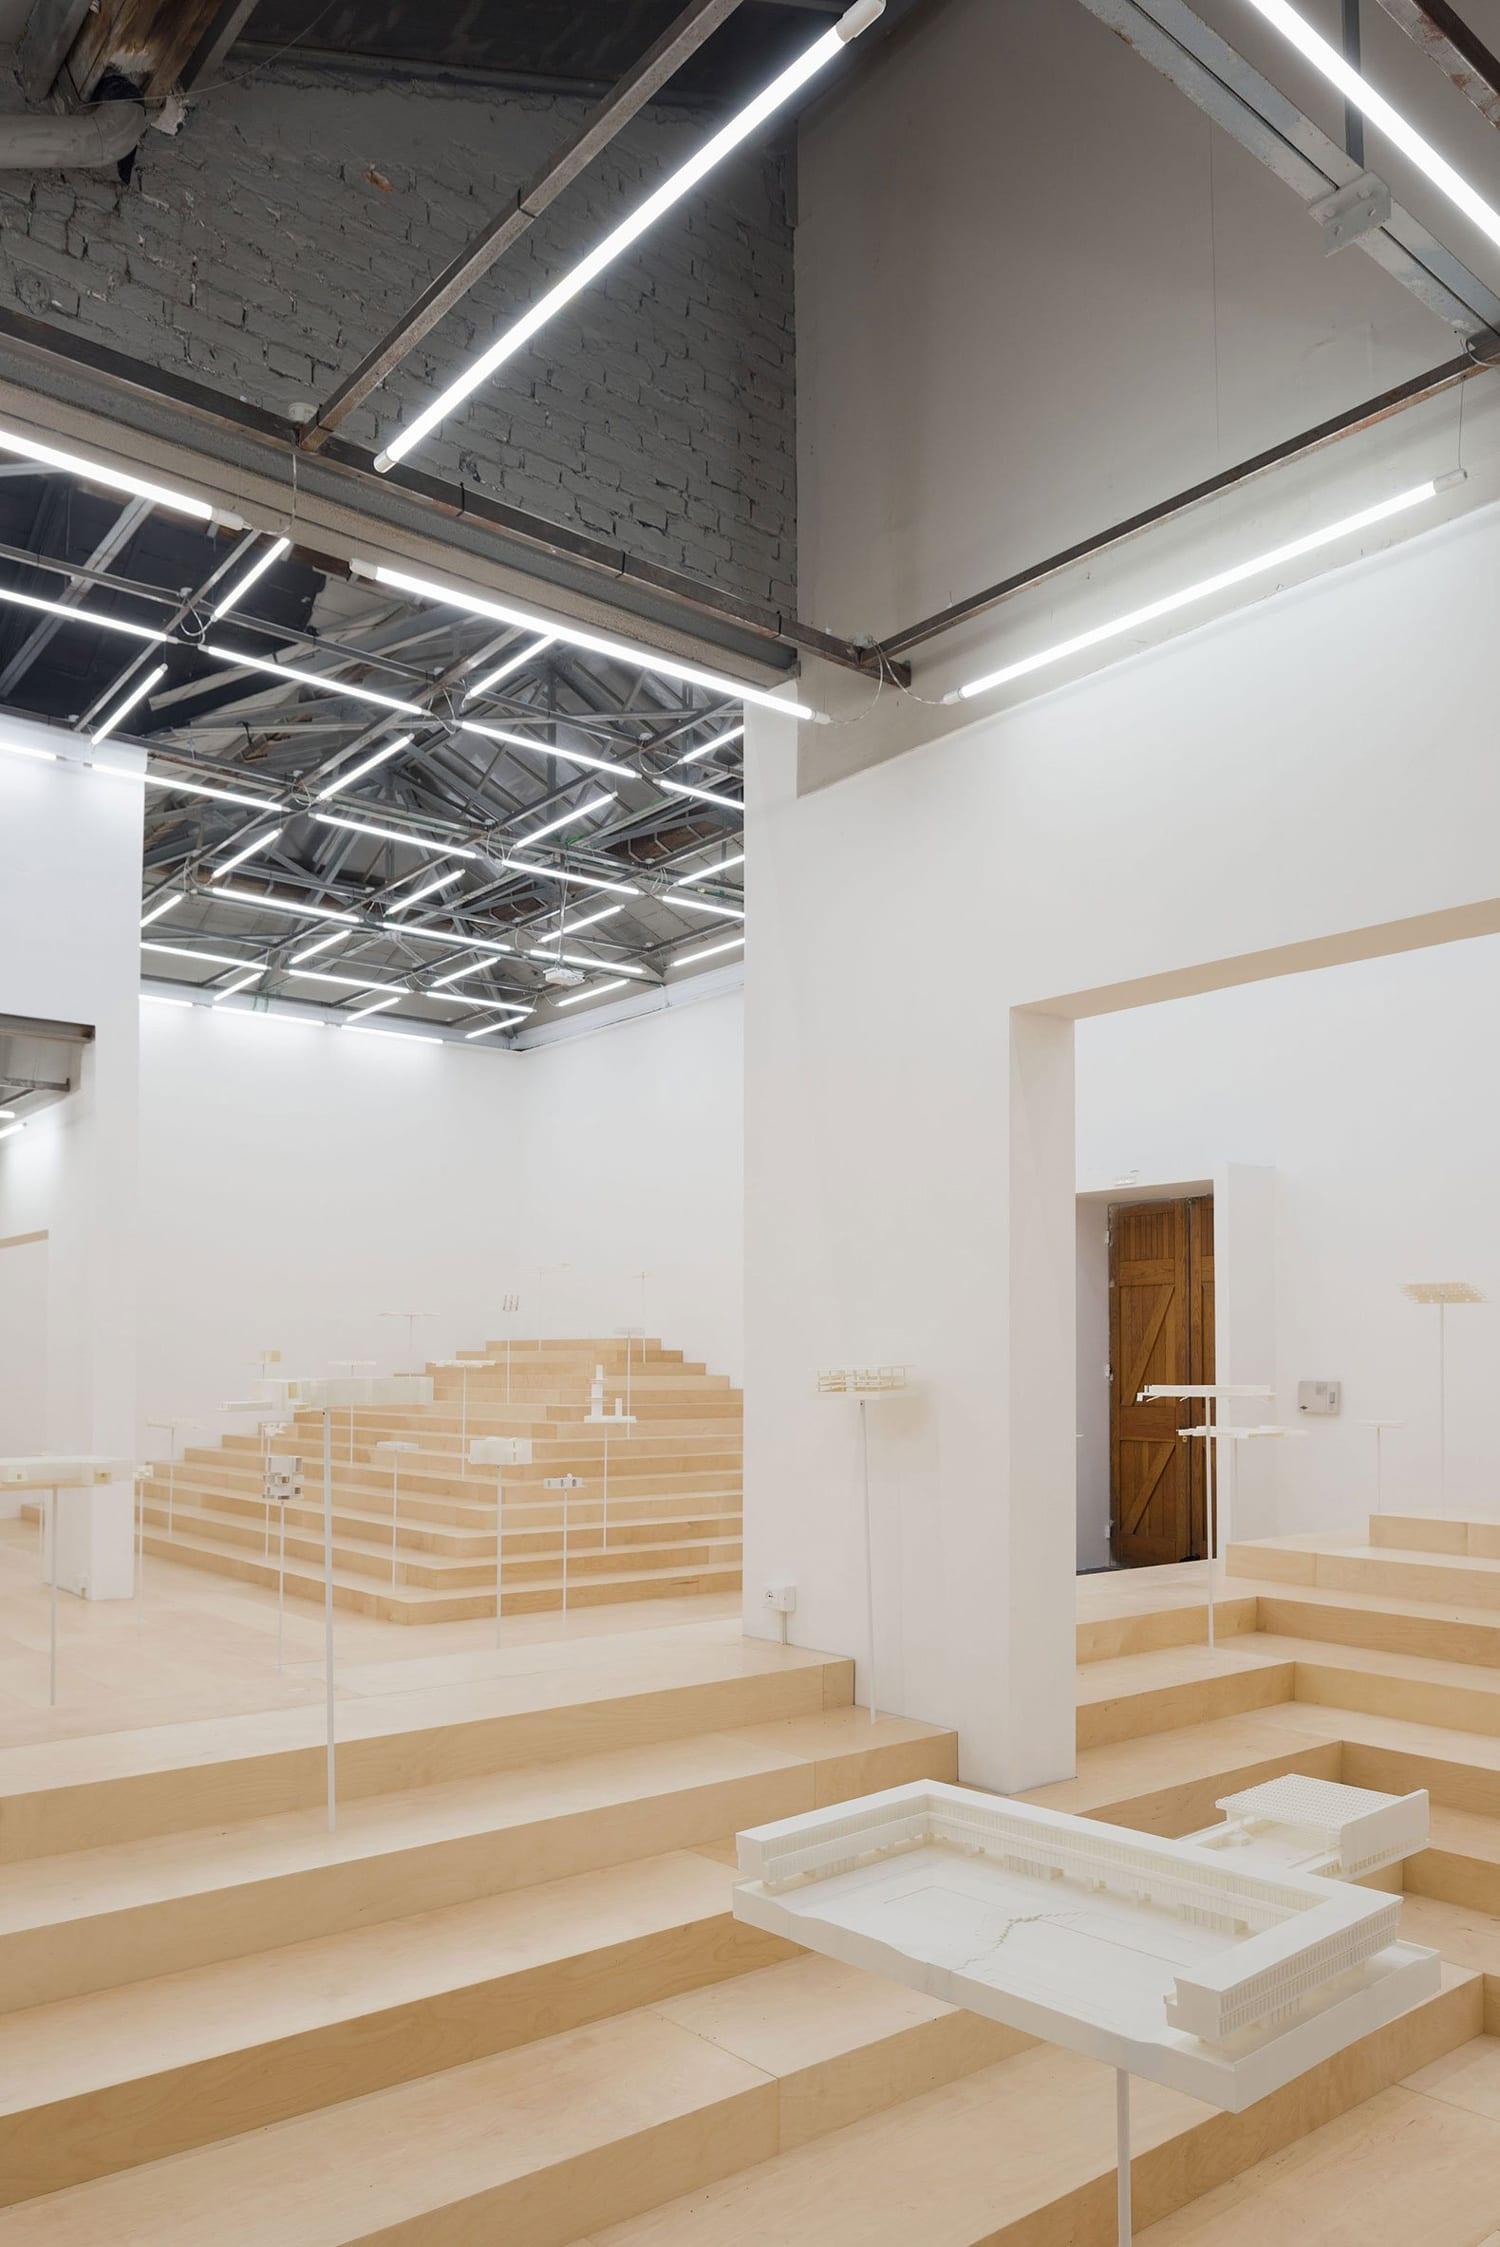 Greek Pavilion, Venice Architecture Biennale 2018 | Yellowtrace